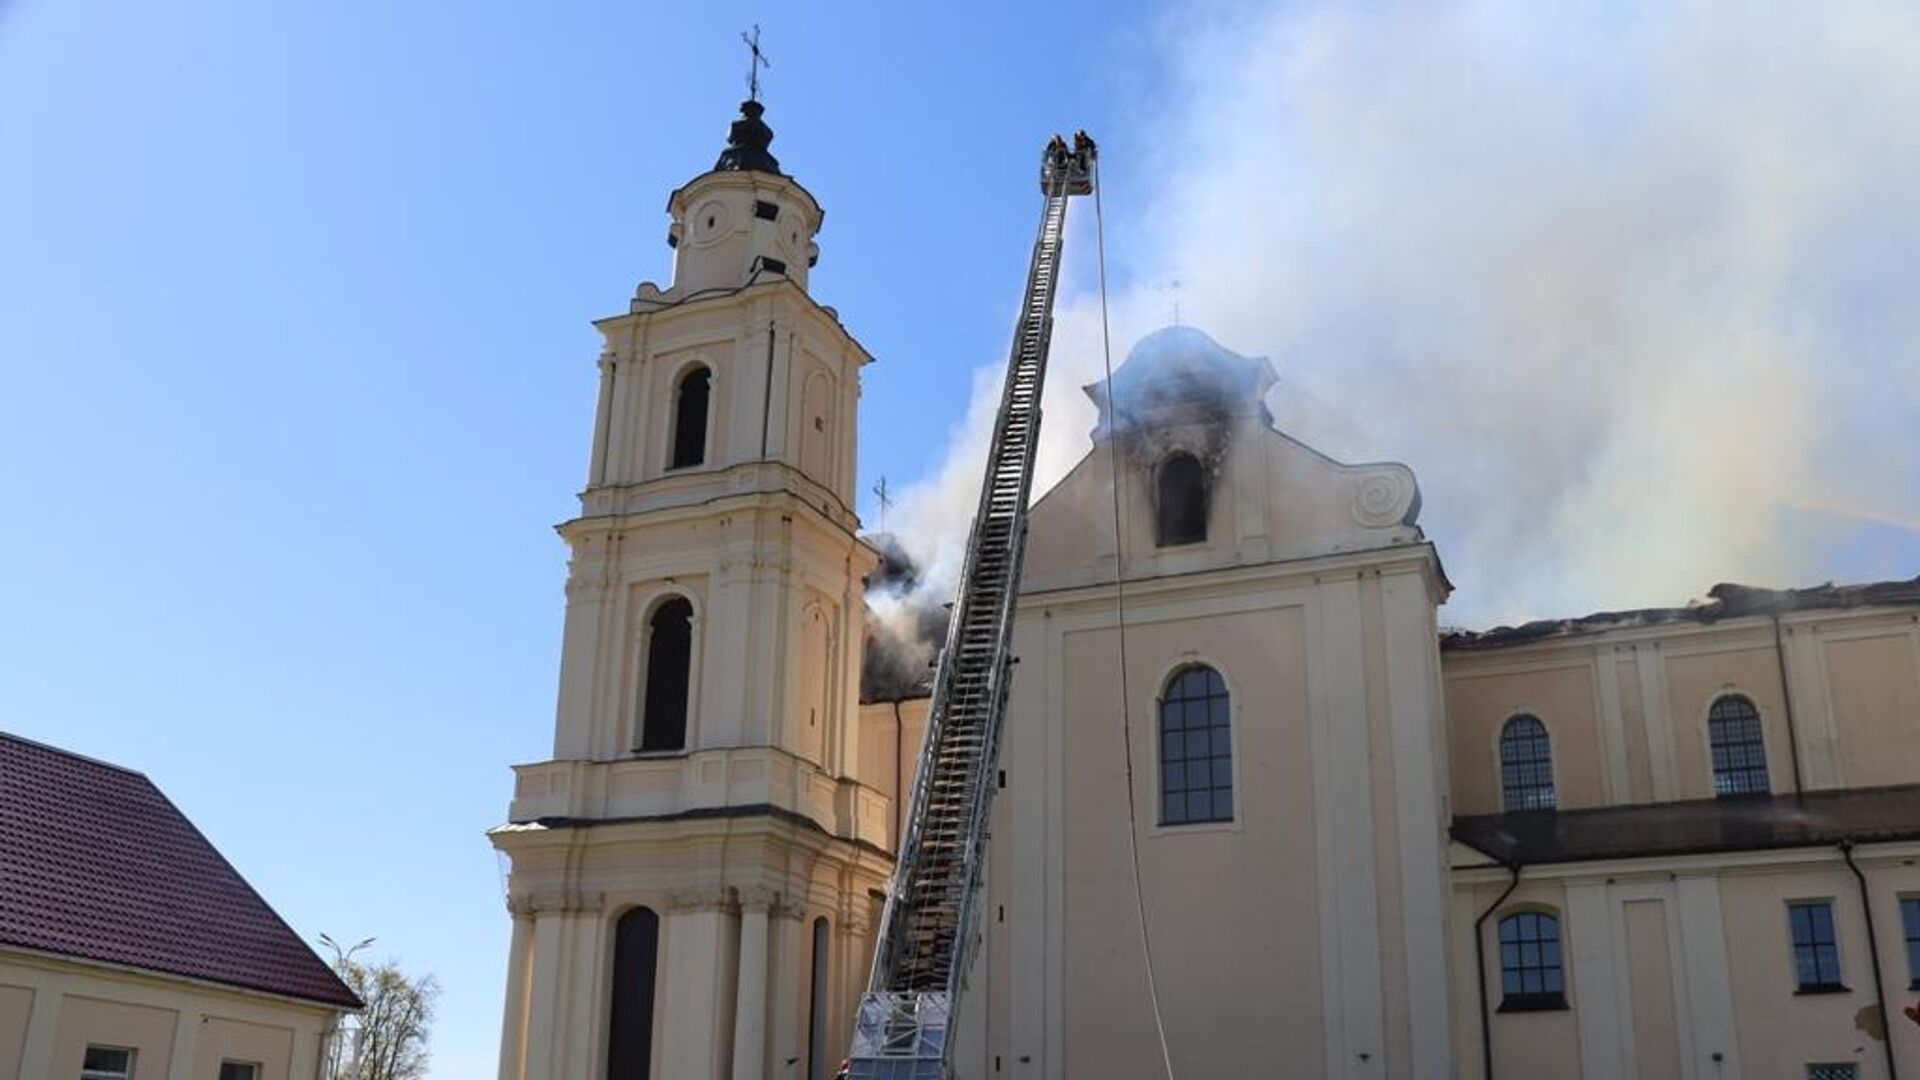 Возгорание в костеле в Будславе - РИА Новости, 1920, 11.05.2021